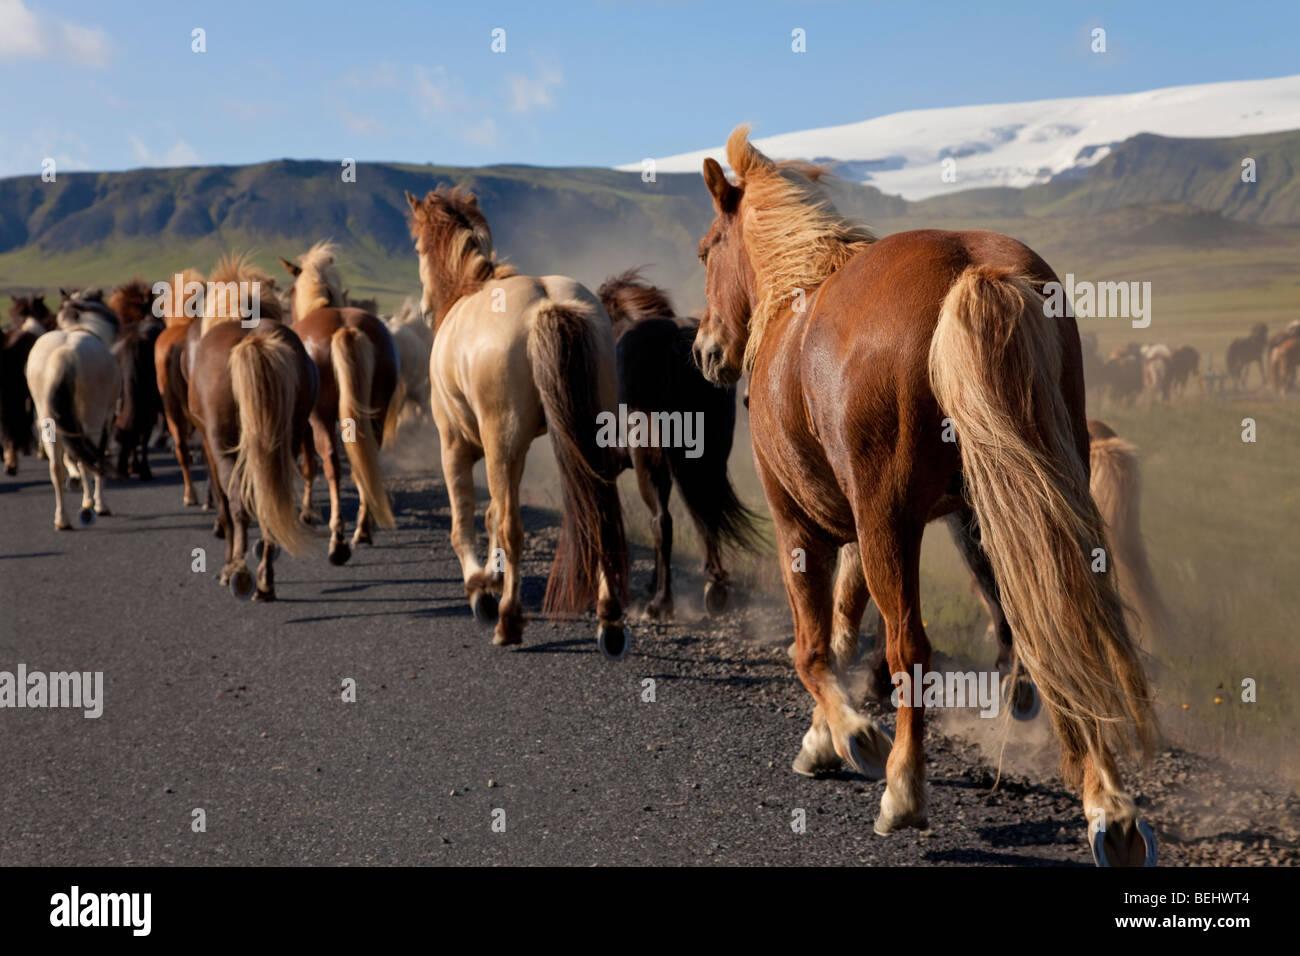 Caballos islandeses galopando al lado de una carretera, iluminada por la luz del atardecer dorado. Rodada en Islandia. Imagen De Stock